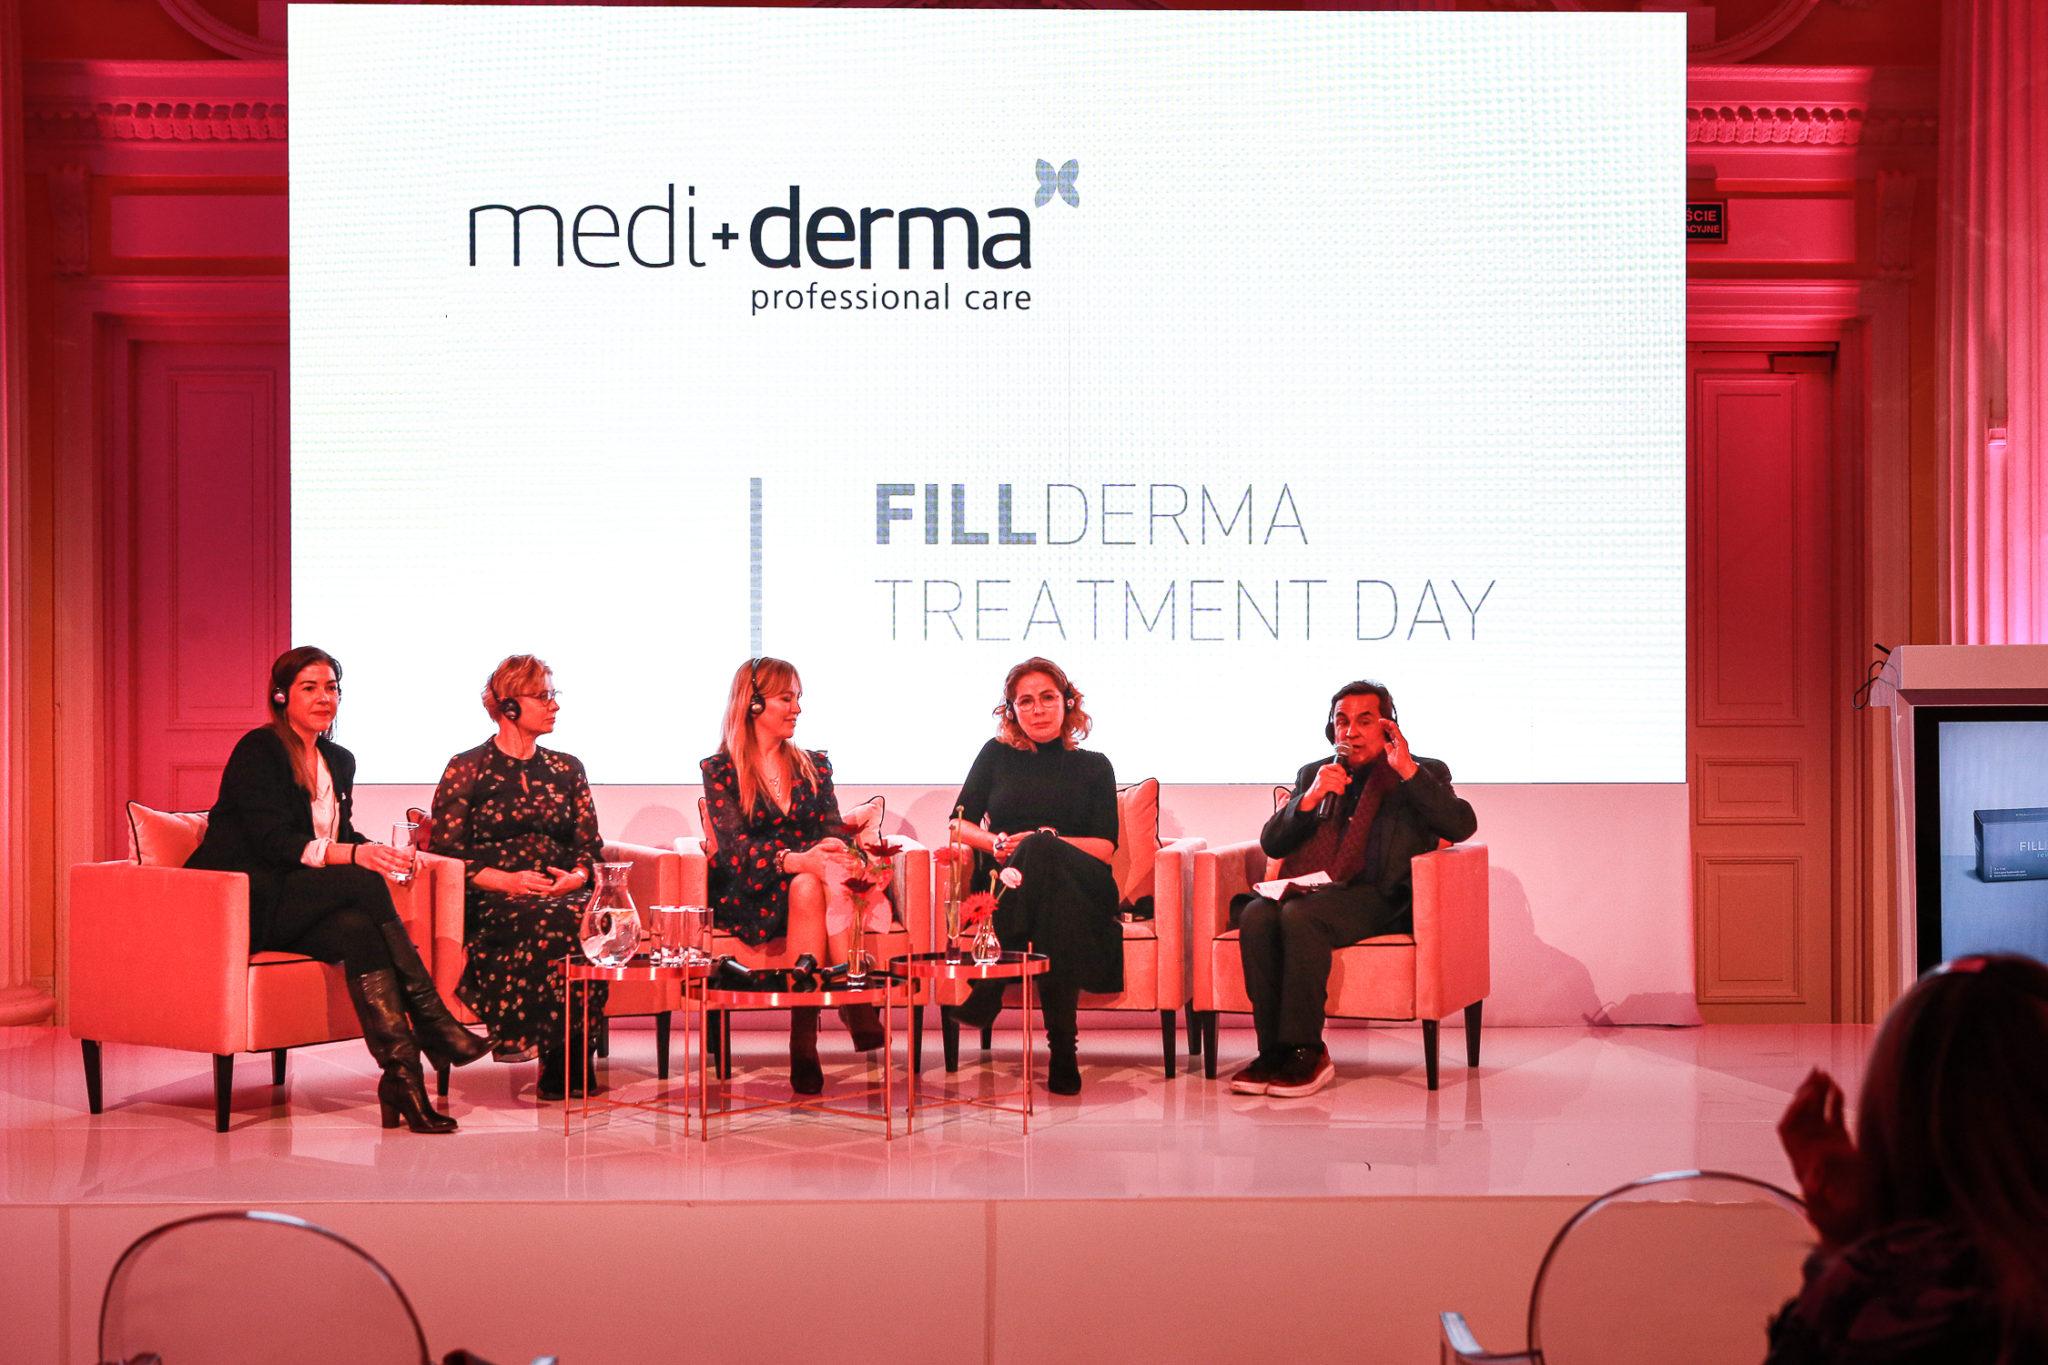 dr Carmen Faus, dr Elżbieta Kowalska – Olędzka, dr Aleksandra Jagielska, dr Ewa Rybicka, dr Gabriel Serrano (twórca marki Mediderma i Sesderma)